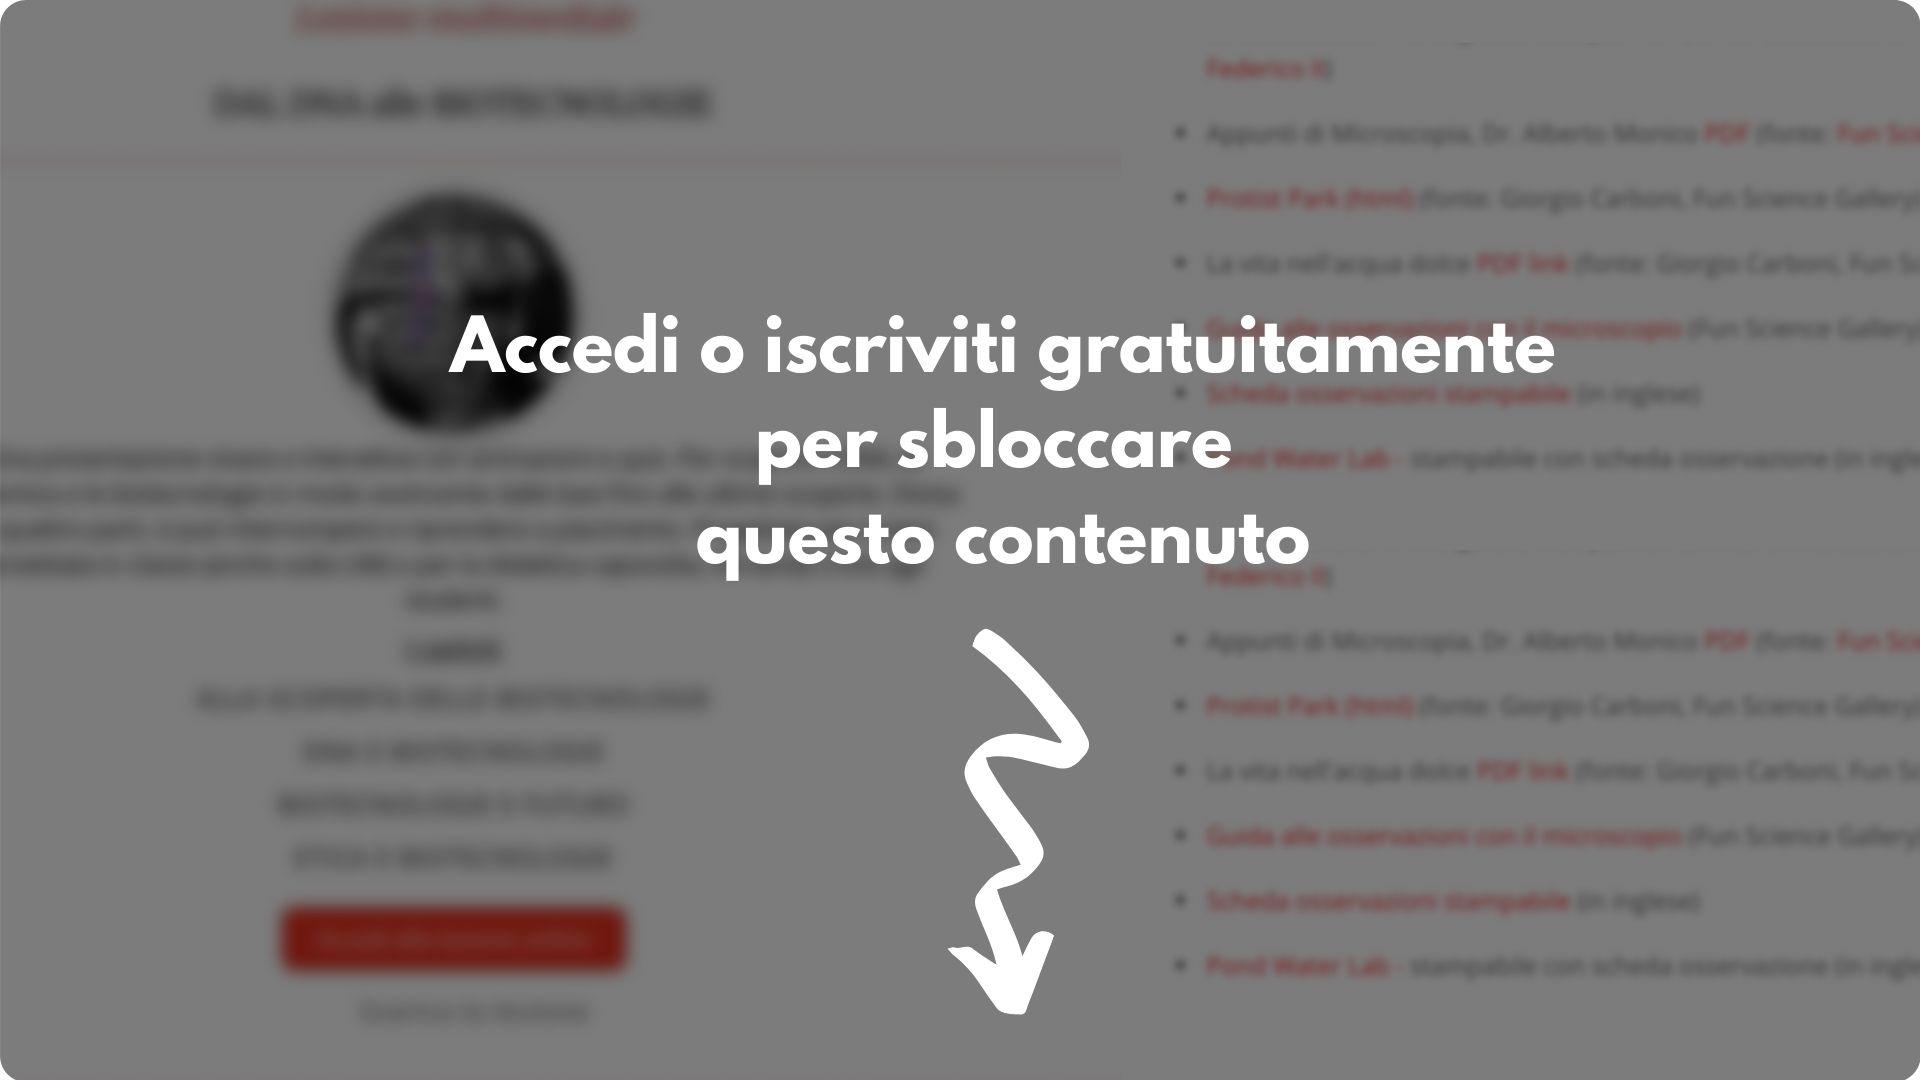 Accedi o iscriviti gratuitamente (1)